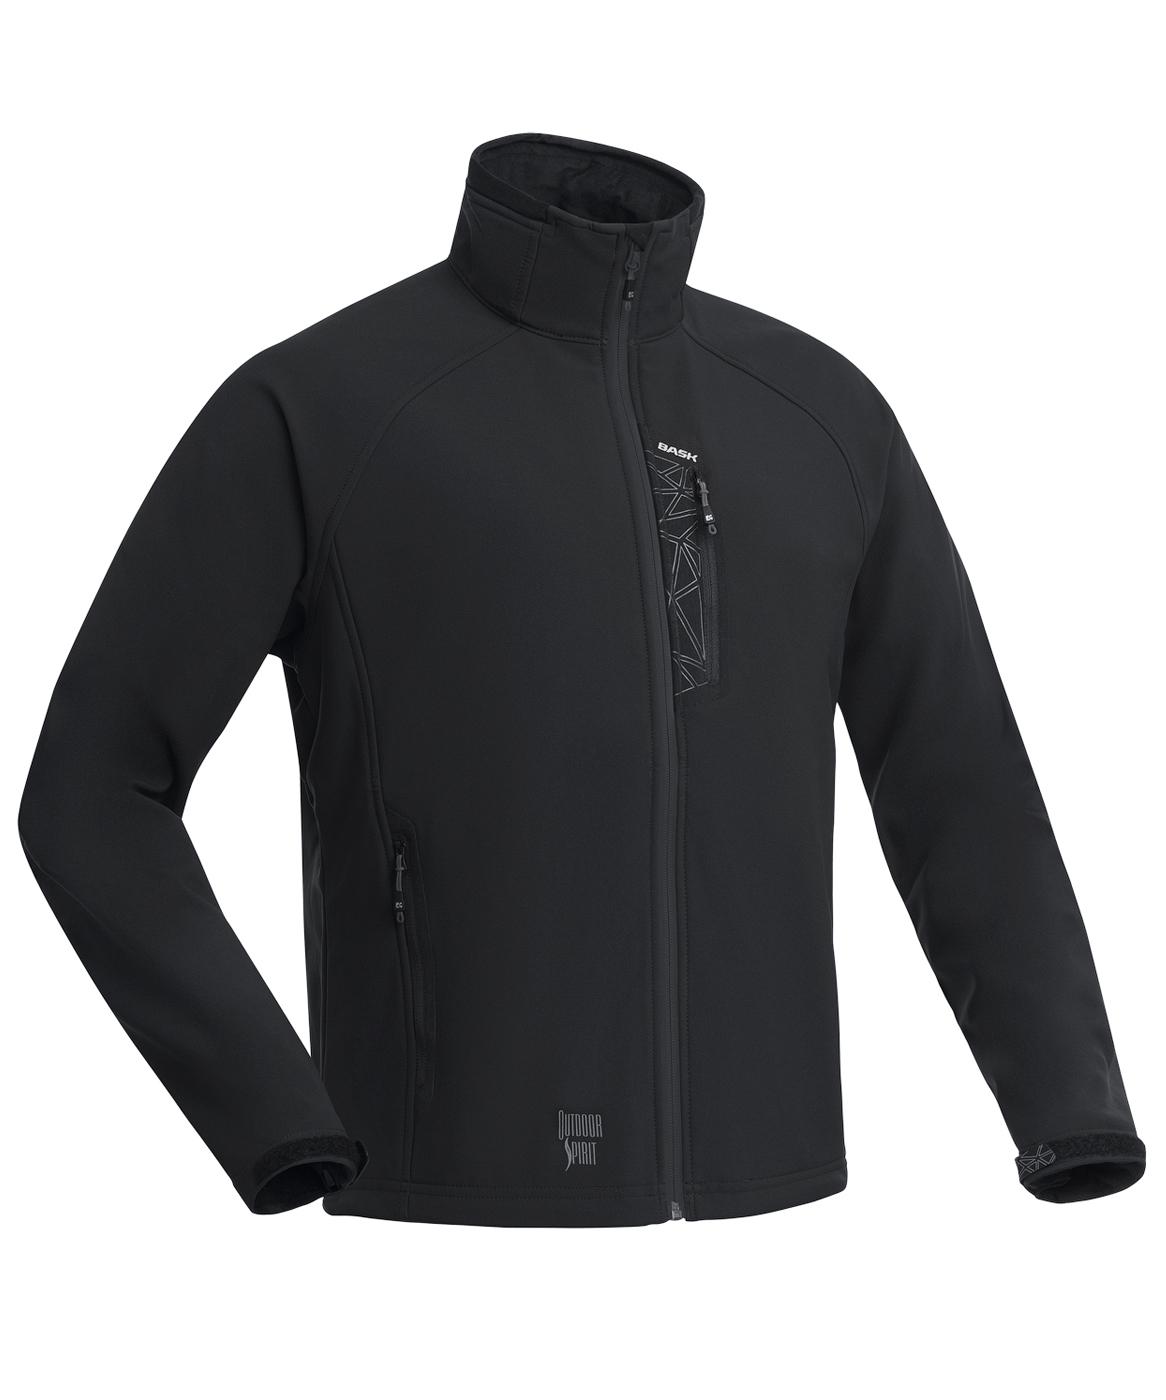 Куртка BASK PANZER V5 черная, Куртки из Softshell и Windbloc - арт. 994720329